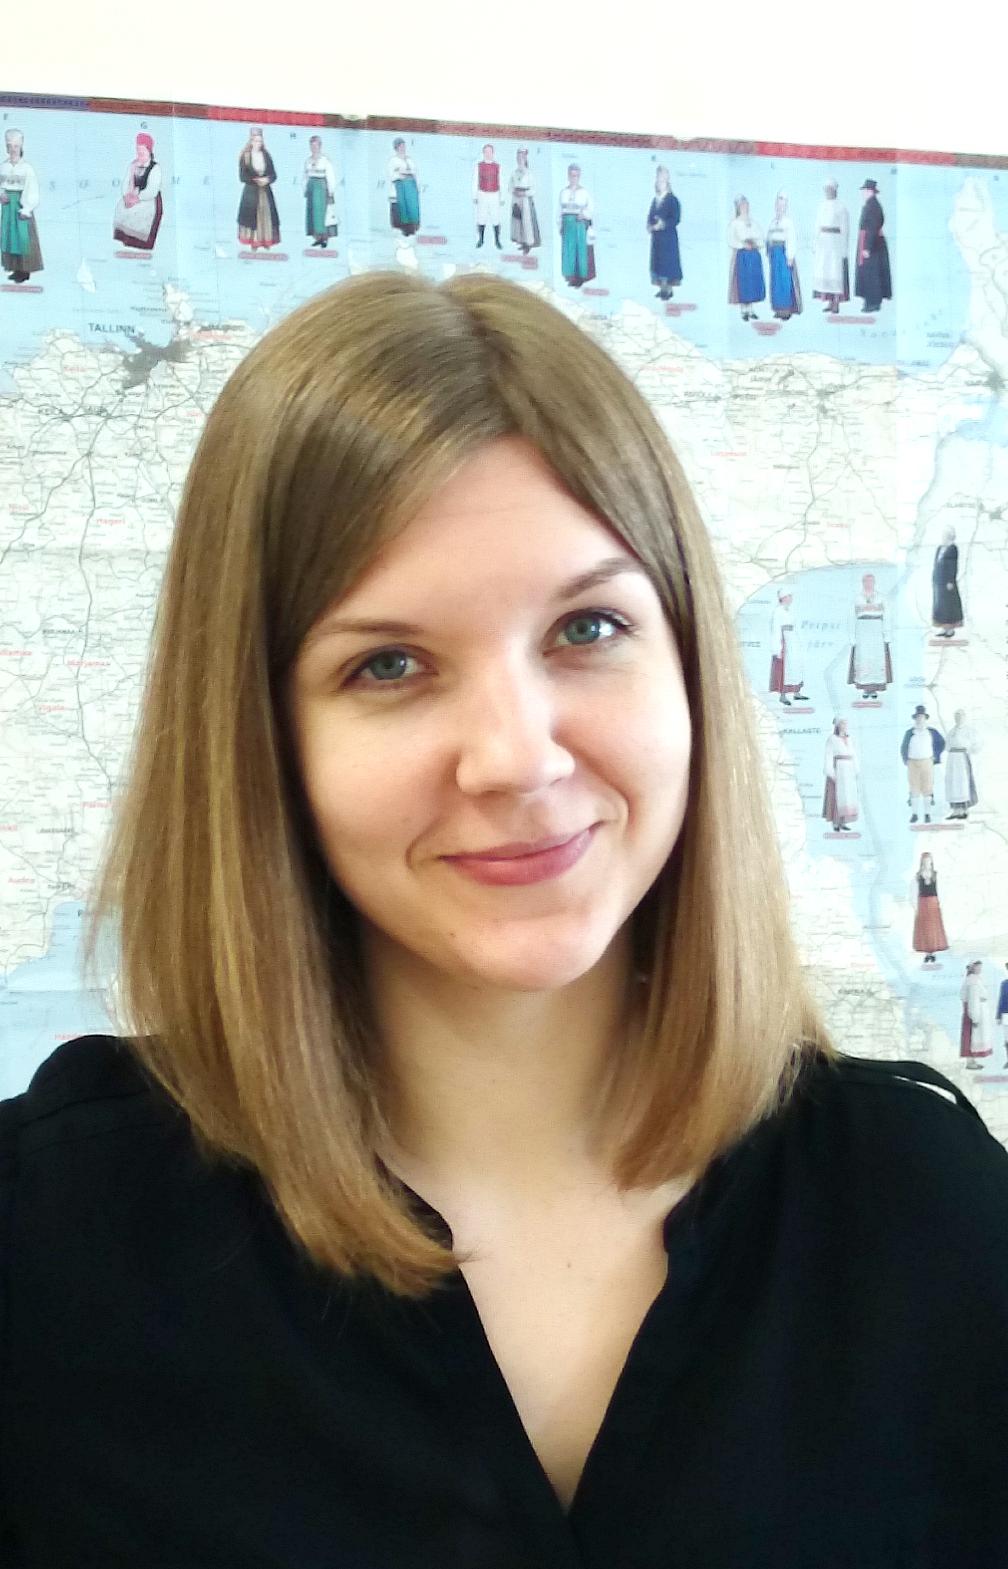 Maarja-Liisa Pilvik